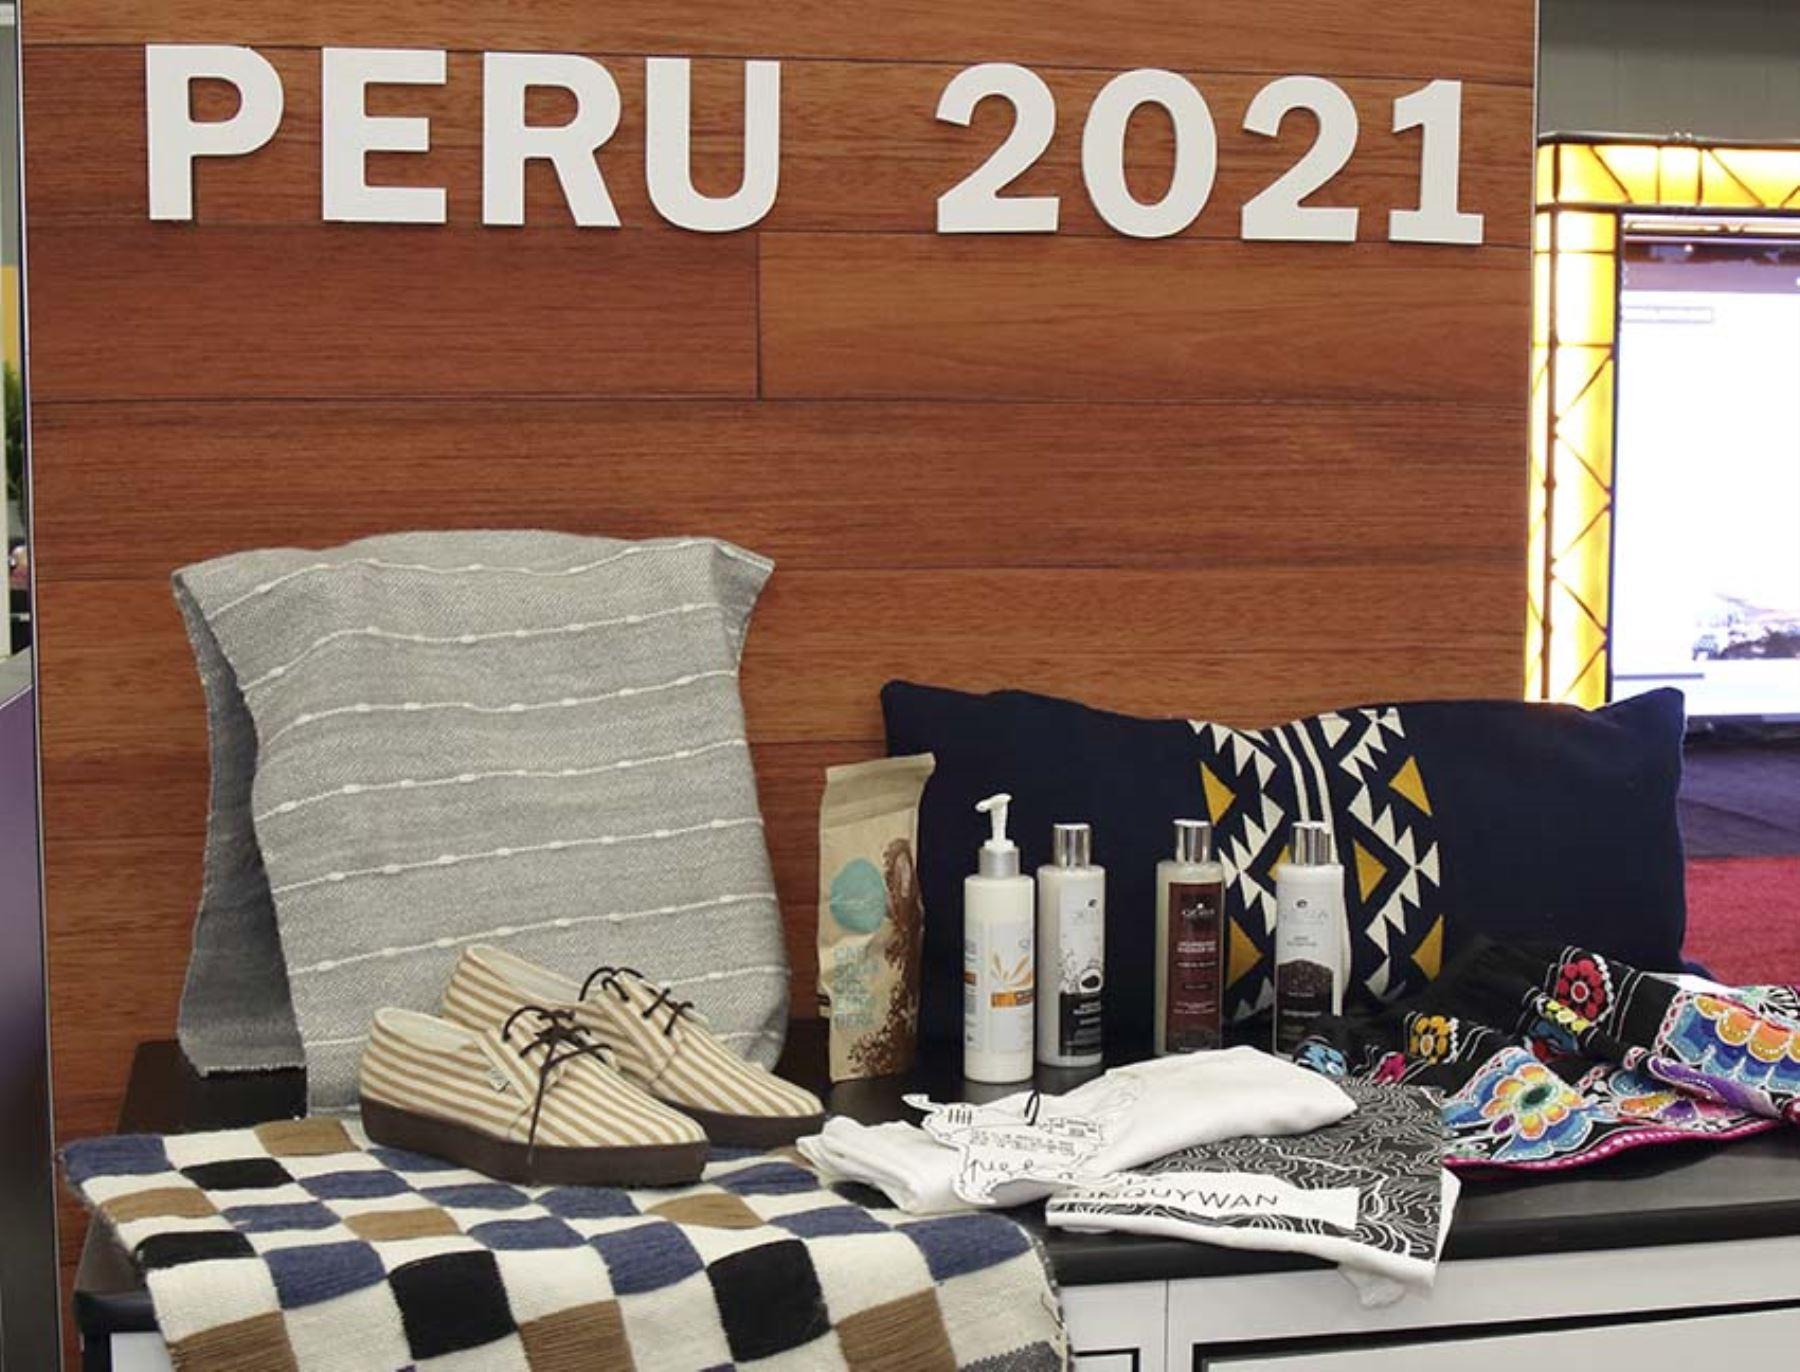 Perú 2021 cuenta con el Directorio de Proveedores de Impacto en el Perú para promover la compra y financiamiento de startups sociales en el país. Foto: Promperú